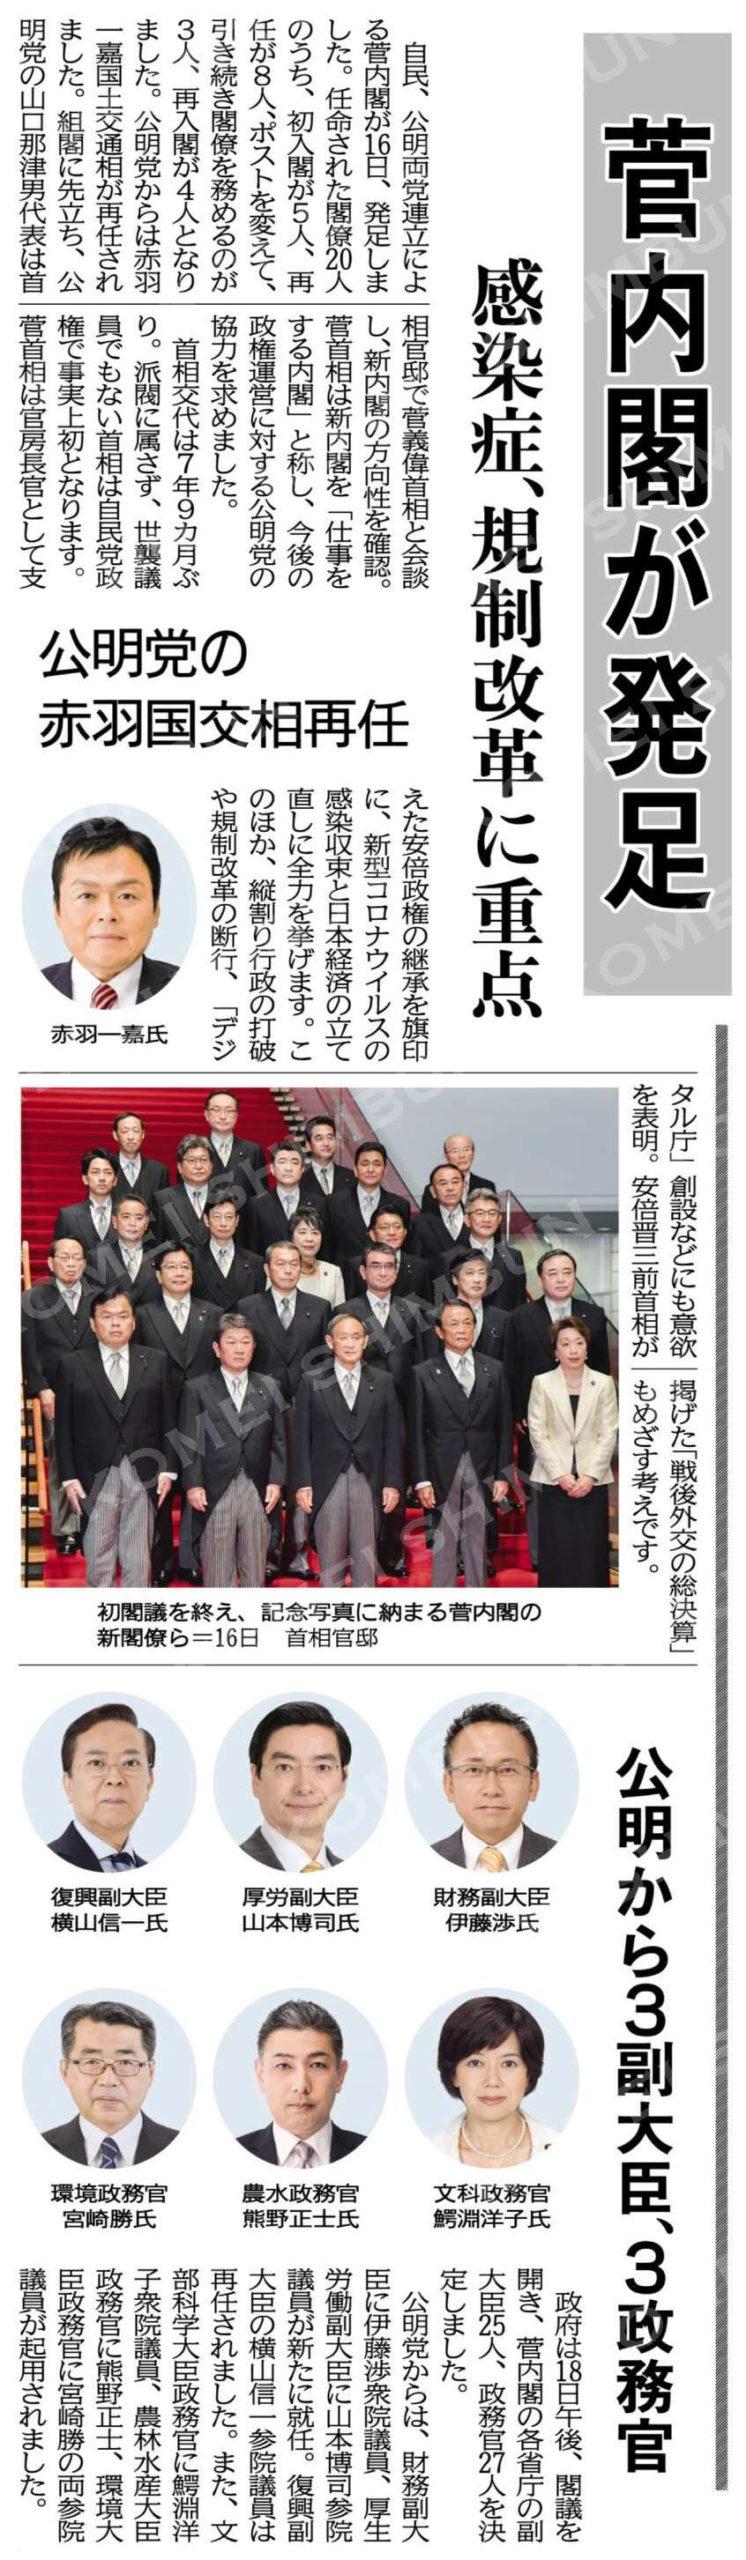 菅内閣が発足/感染症、規制改革に重点/公明党の赤羽国交相再任